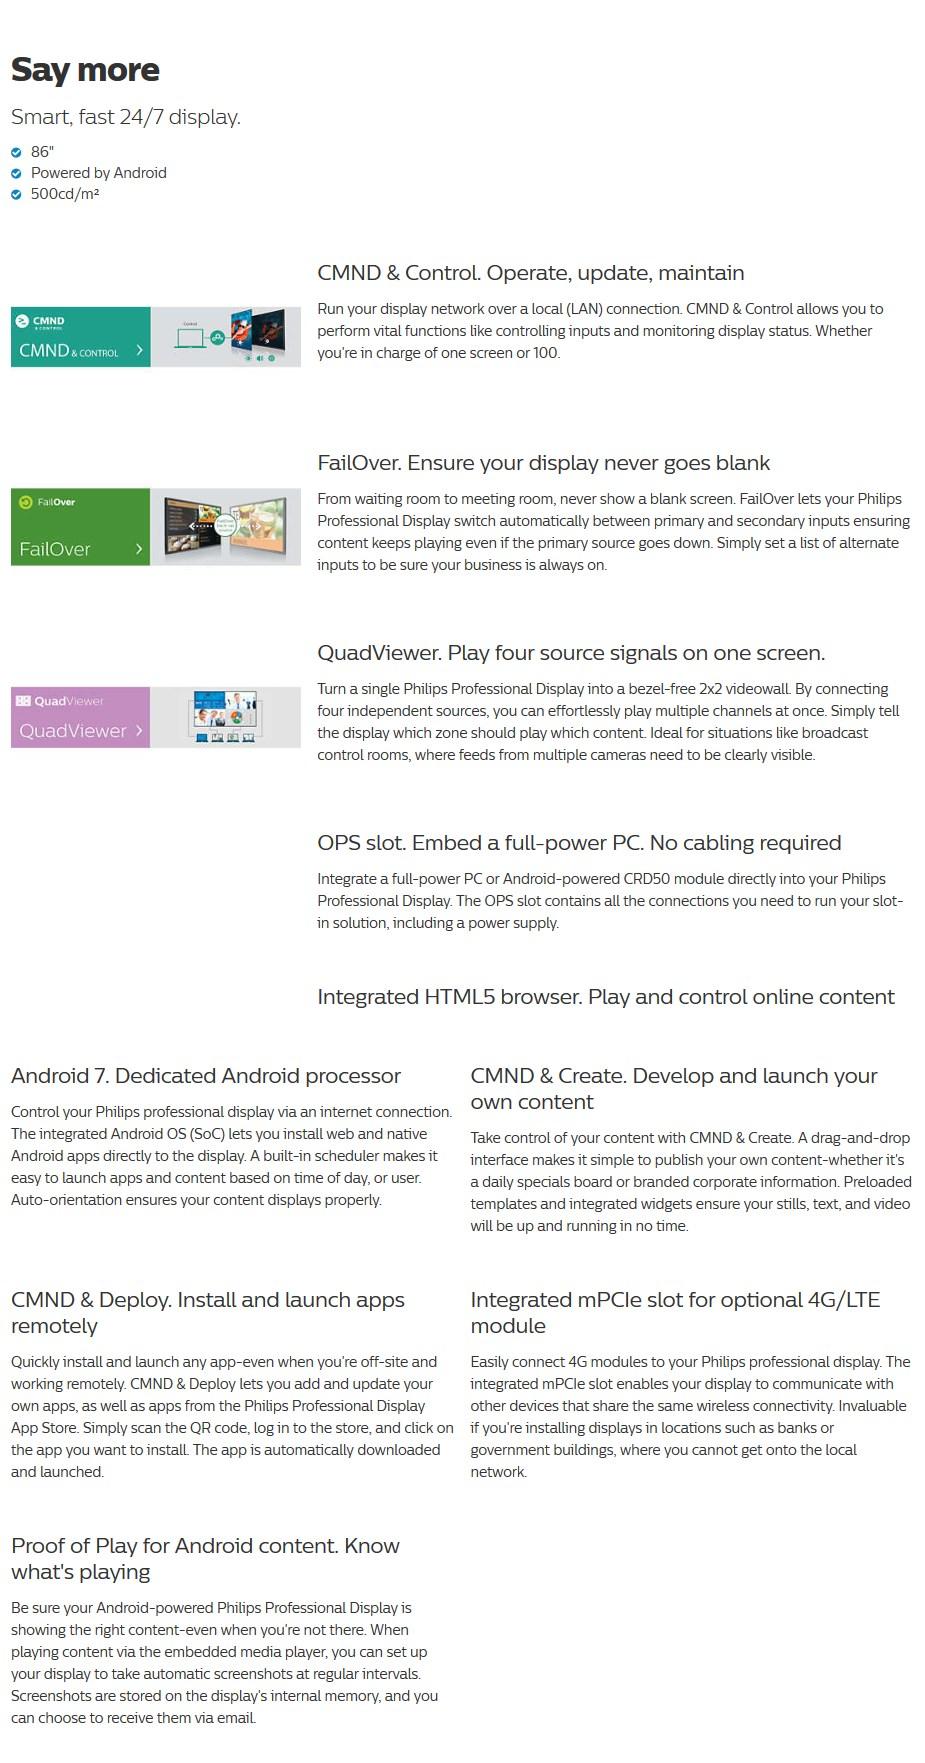 """Philips D-Line 86BDL4150D 86"""" 4K UHD Android LED 24/7 Digital Signage - Desktop Overview 1"""